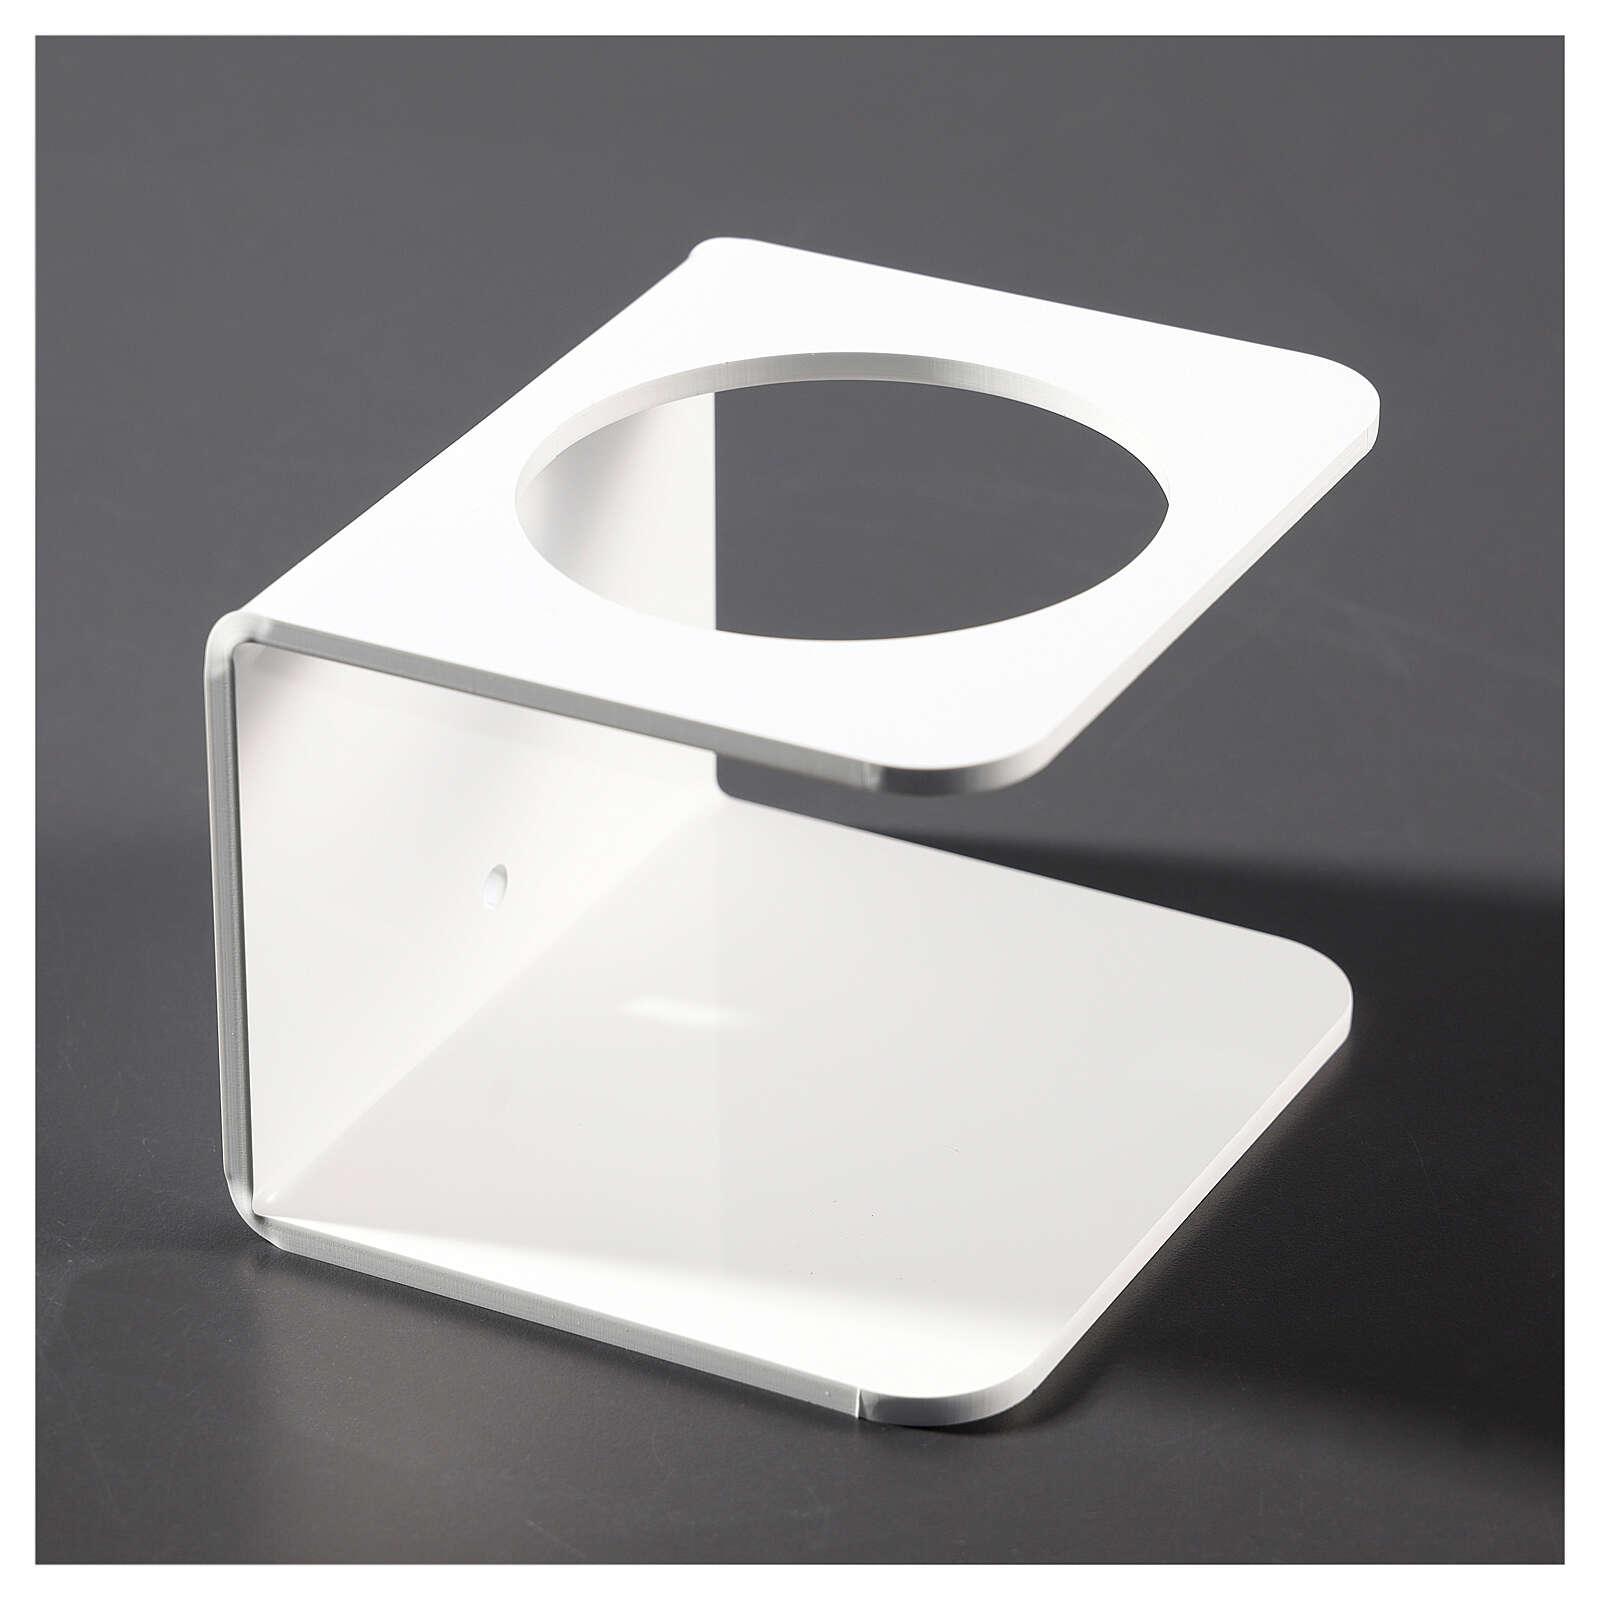 Support pour distributeur de désinfectant en plexiglas blanc 3